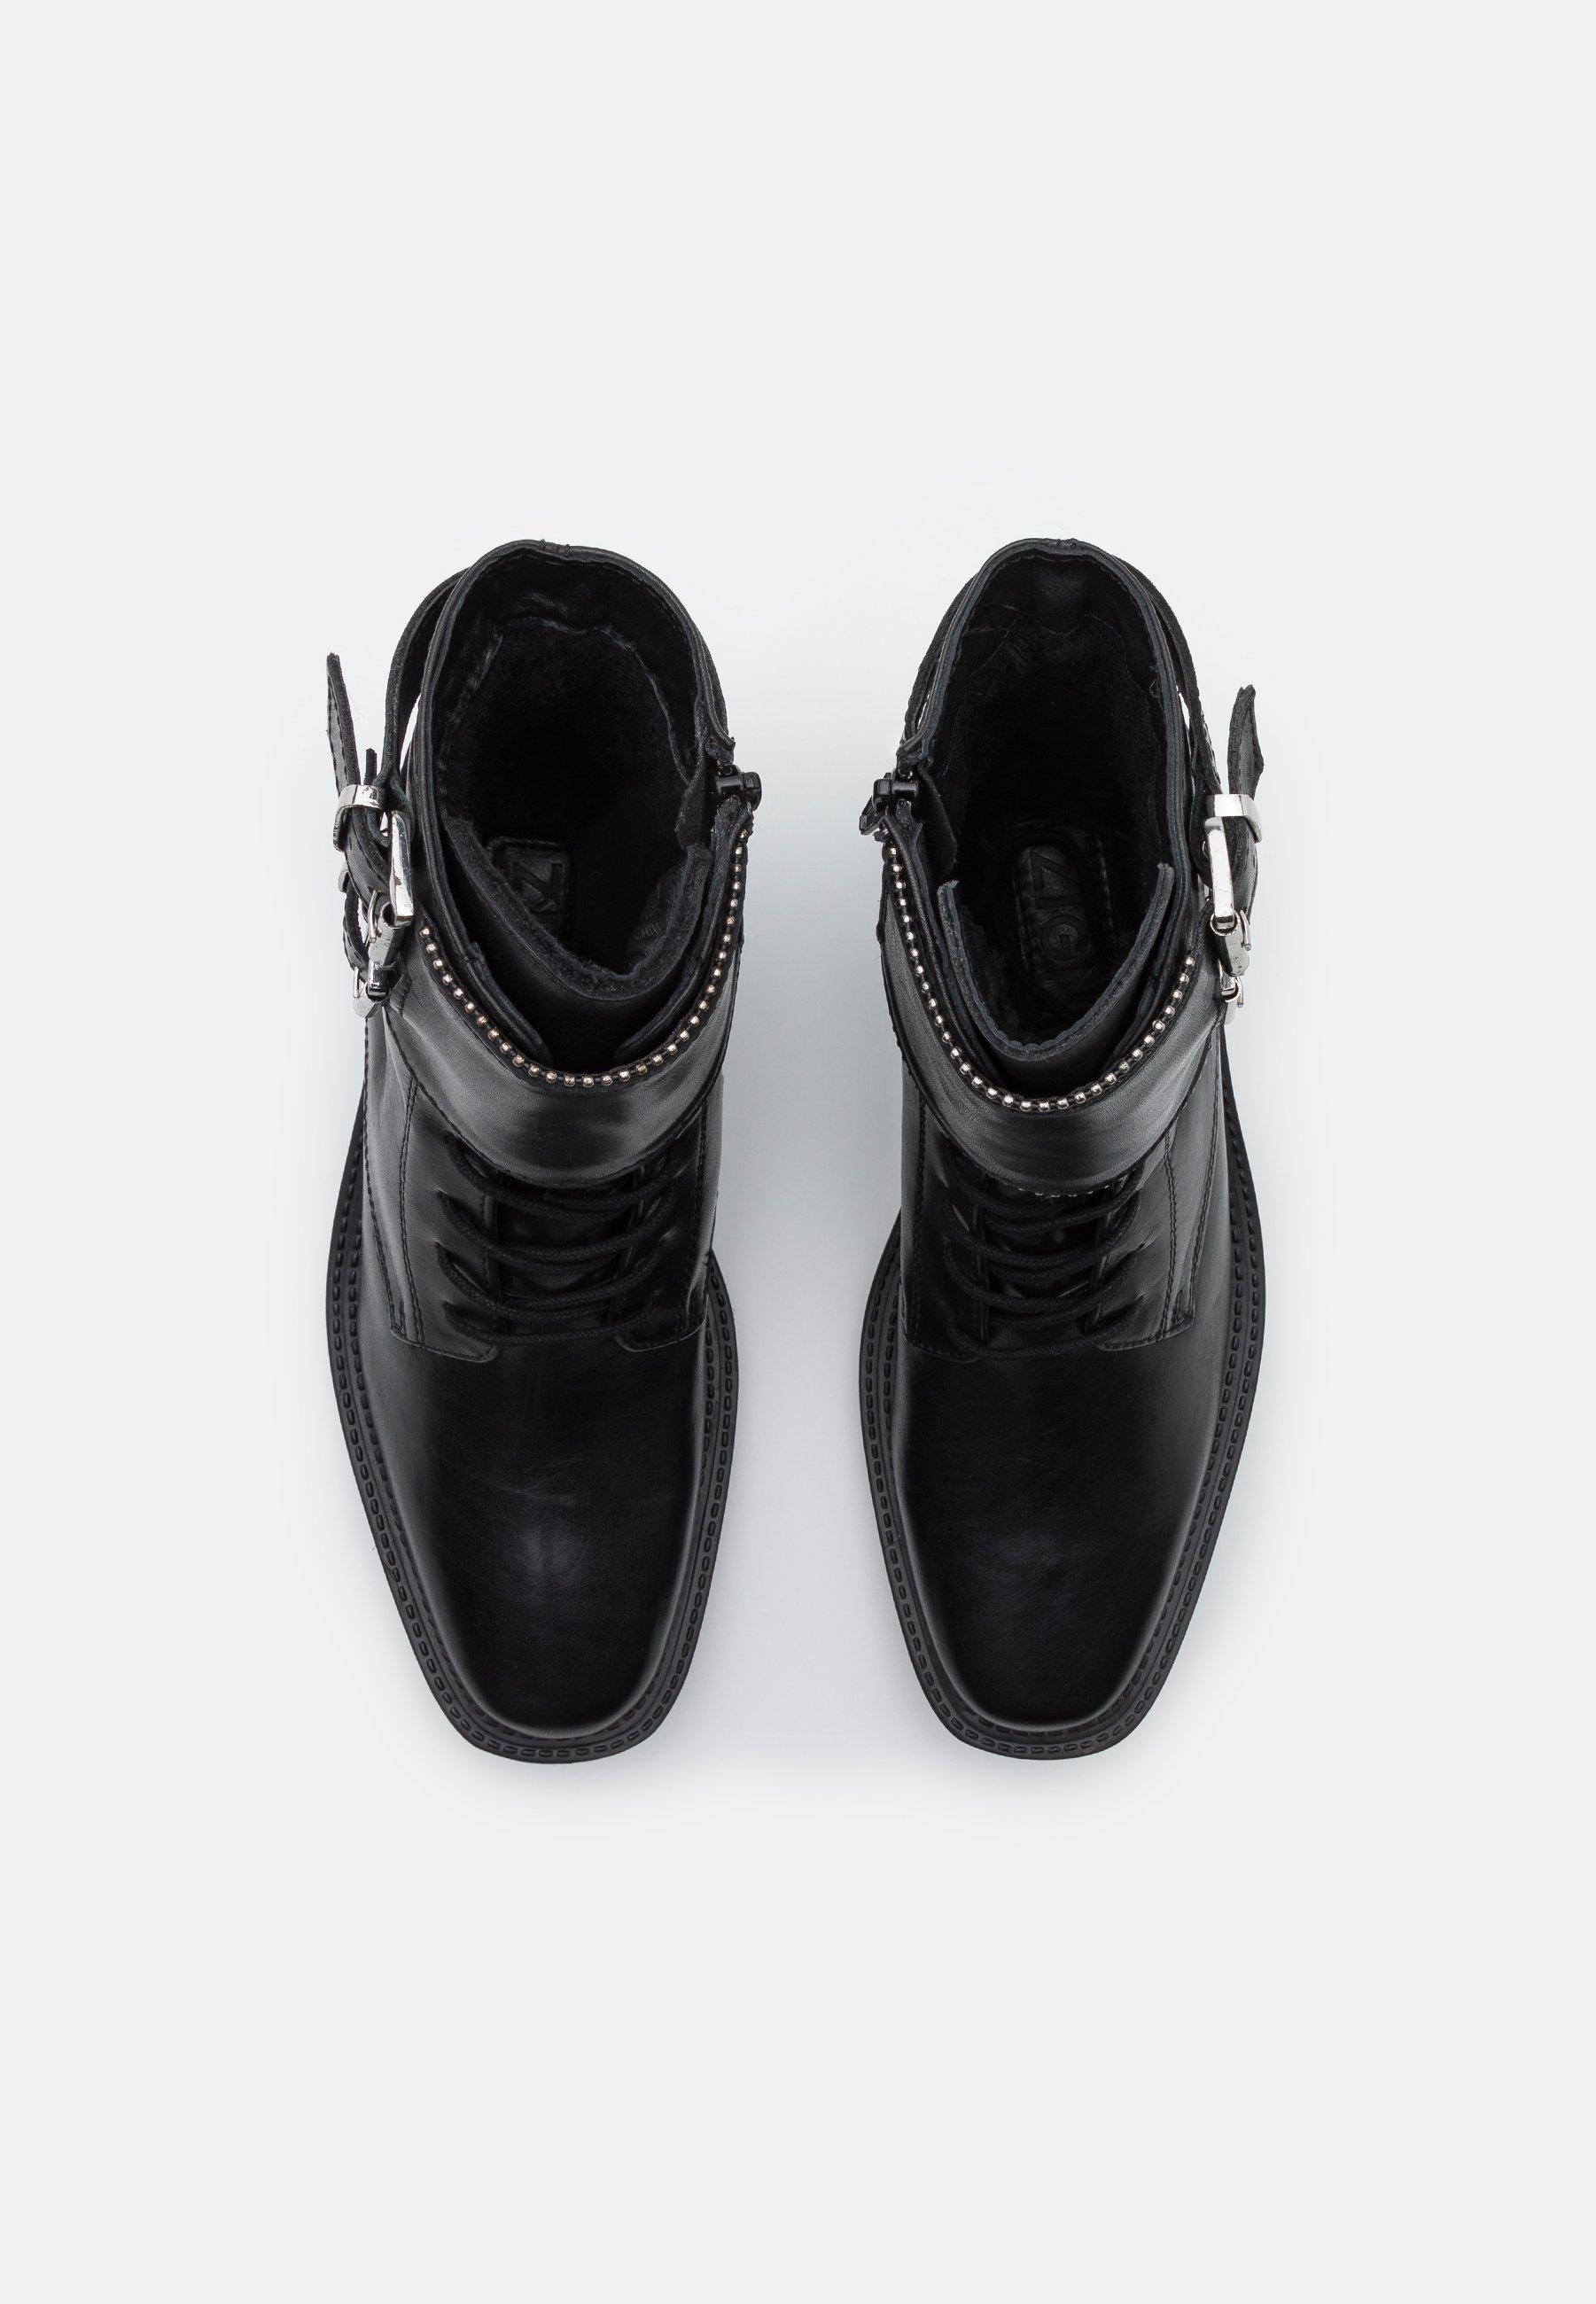 Zign Vinterstøvler - Black/svart